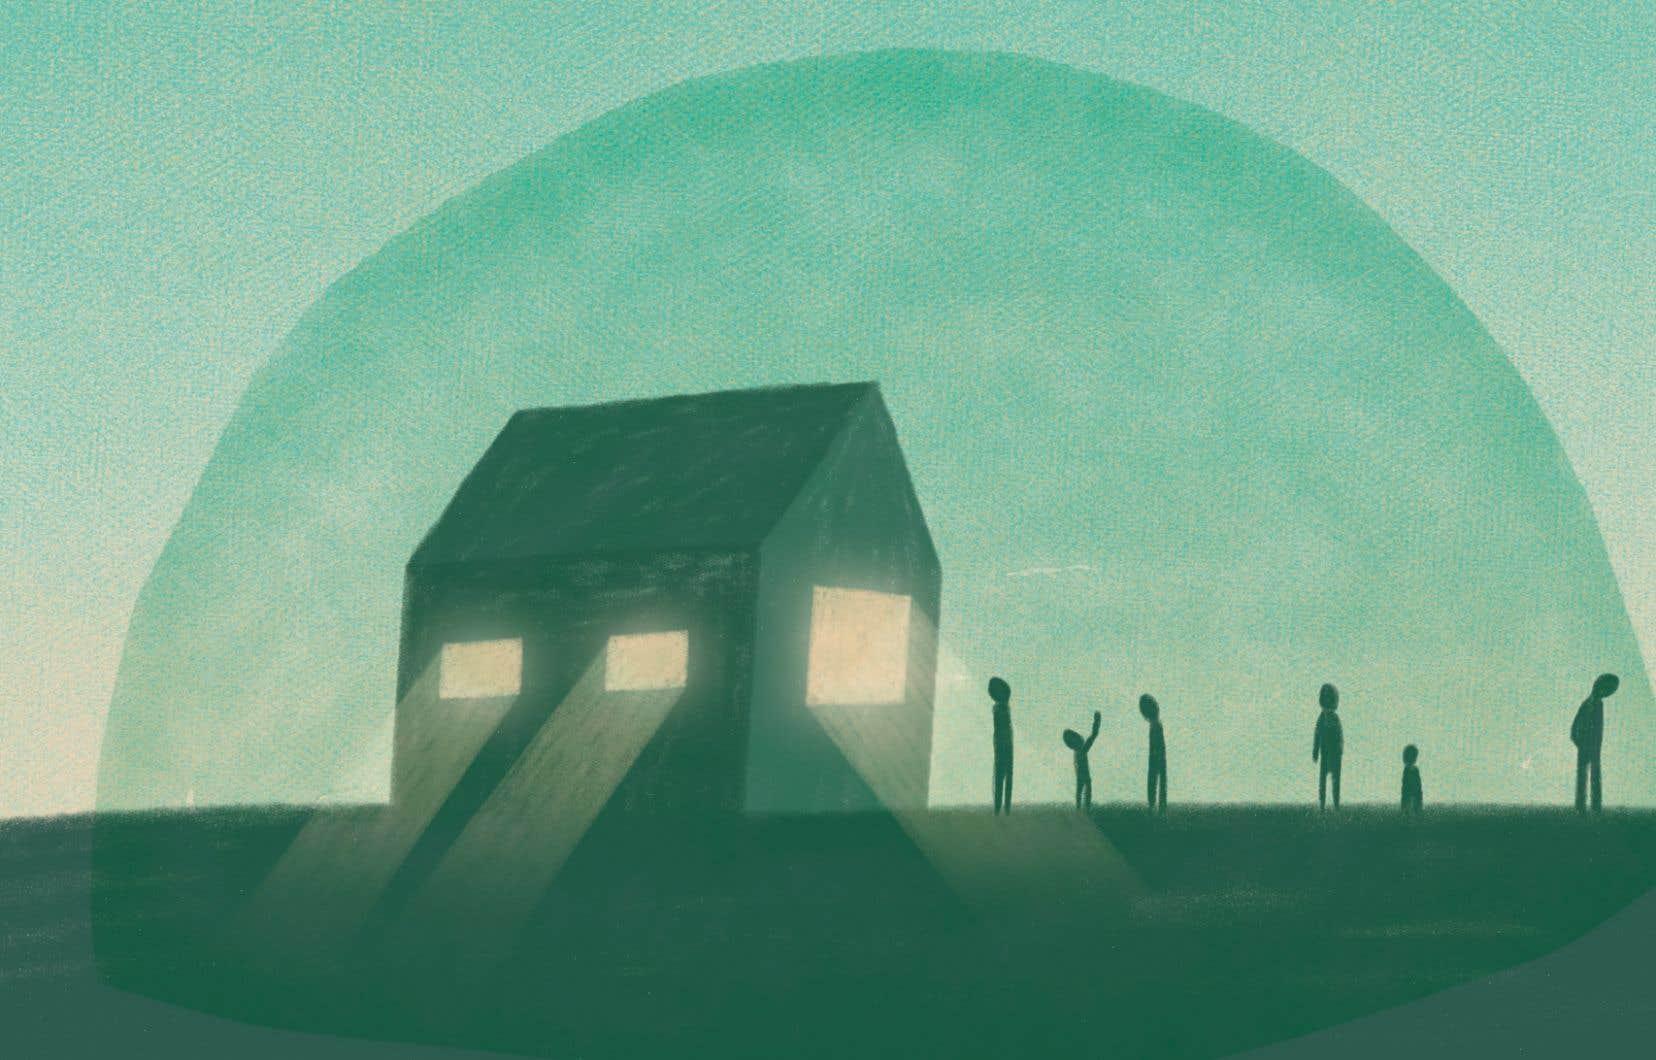 Au-delà de l'effet réconfortant, le fait de rester dans sa «bulle» est carrément un réflexe de survie, croit Garine Papazian-Zohrabian, psychologue et professeure au Département de psychopédagogie et d'andragogie de l'Université de Montréal.